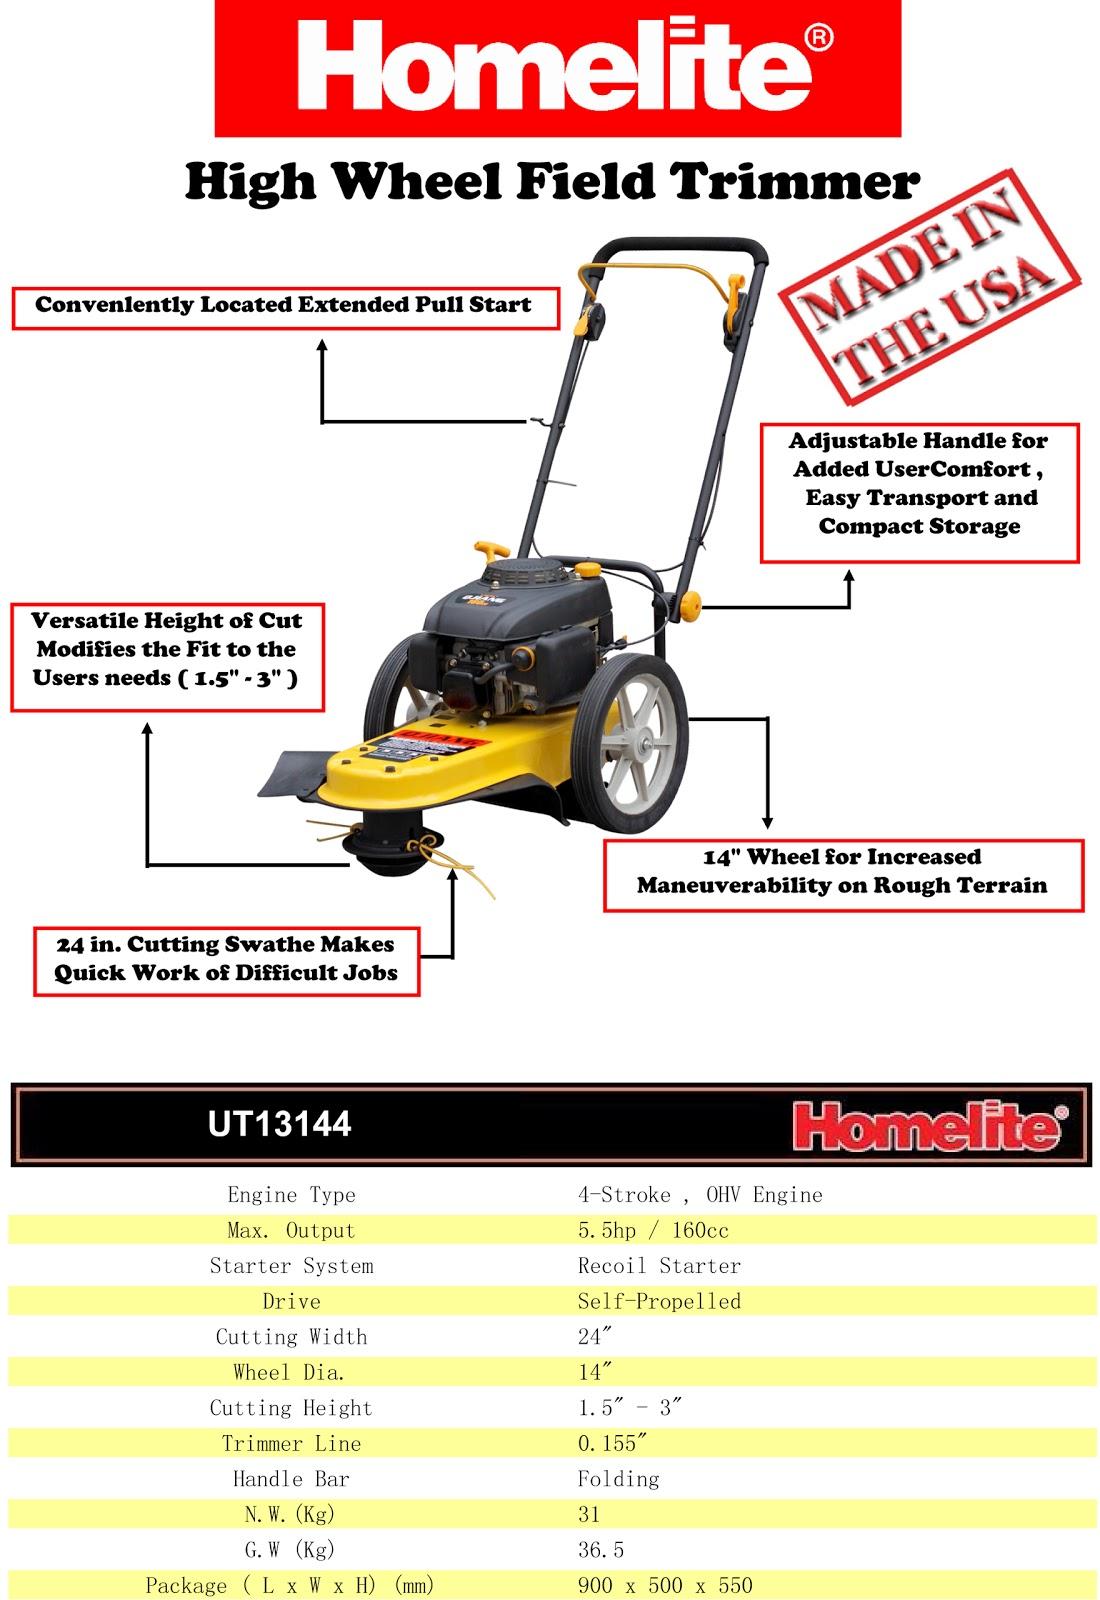 Homelite Trimmer Ut13144 Service Manual